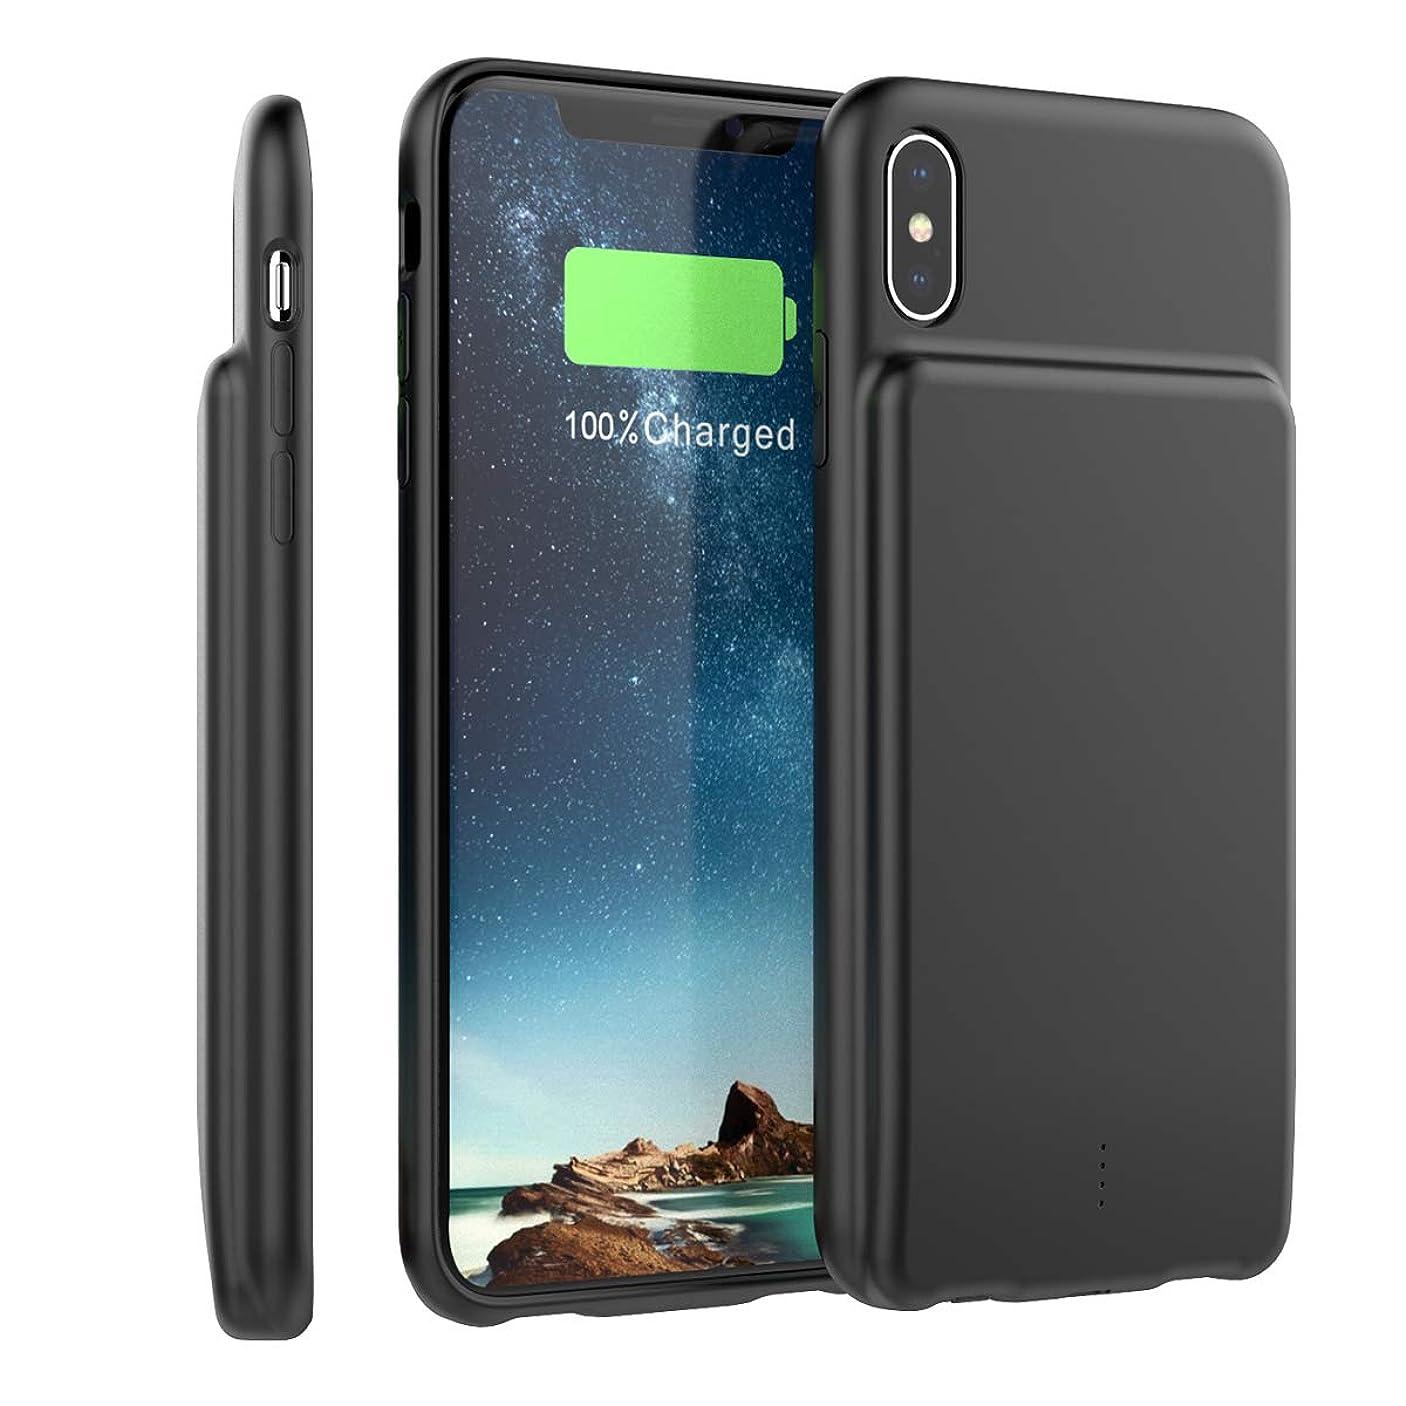 積分昨日バーチャルiPhone Xs Max 5000mAh 電池ケース,Happon 充電器ケース 充電器ケース 電池ケースs スリム 充電式 外部 保護 Battery Pack for iPhone Xs Max 5000mAh (Black)